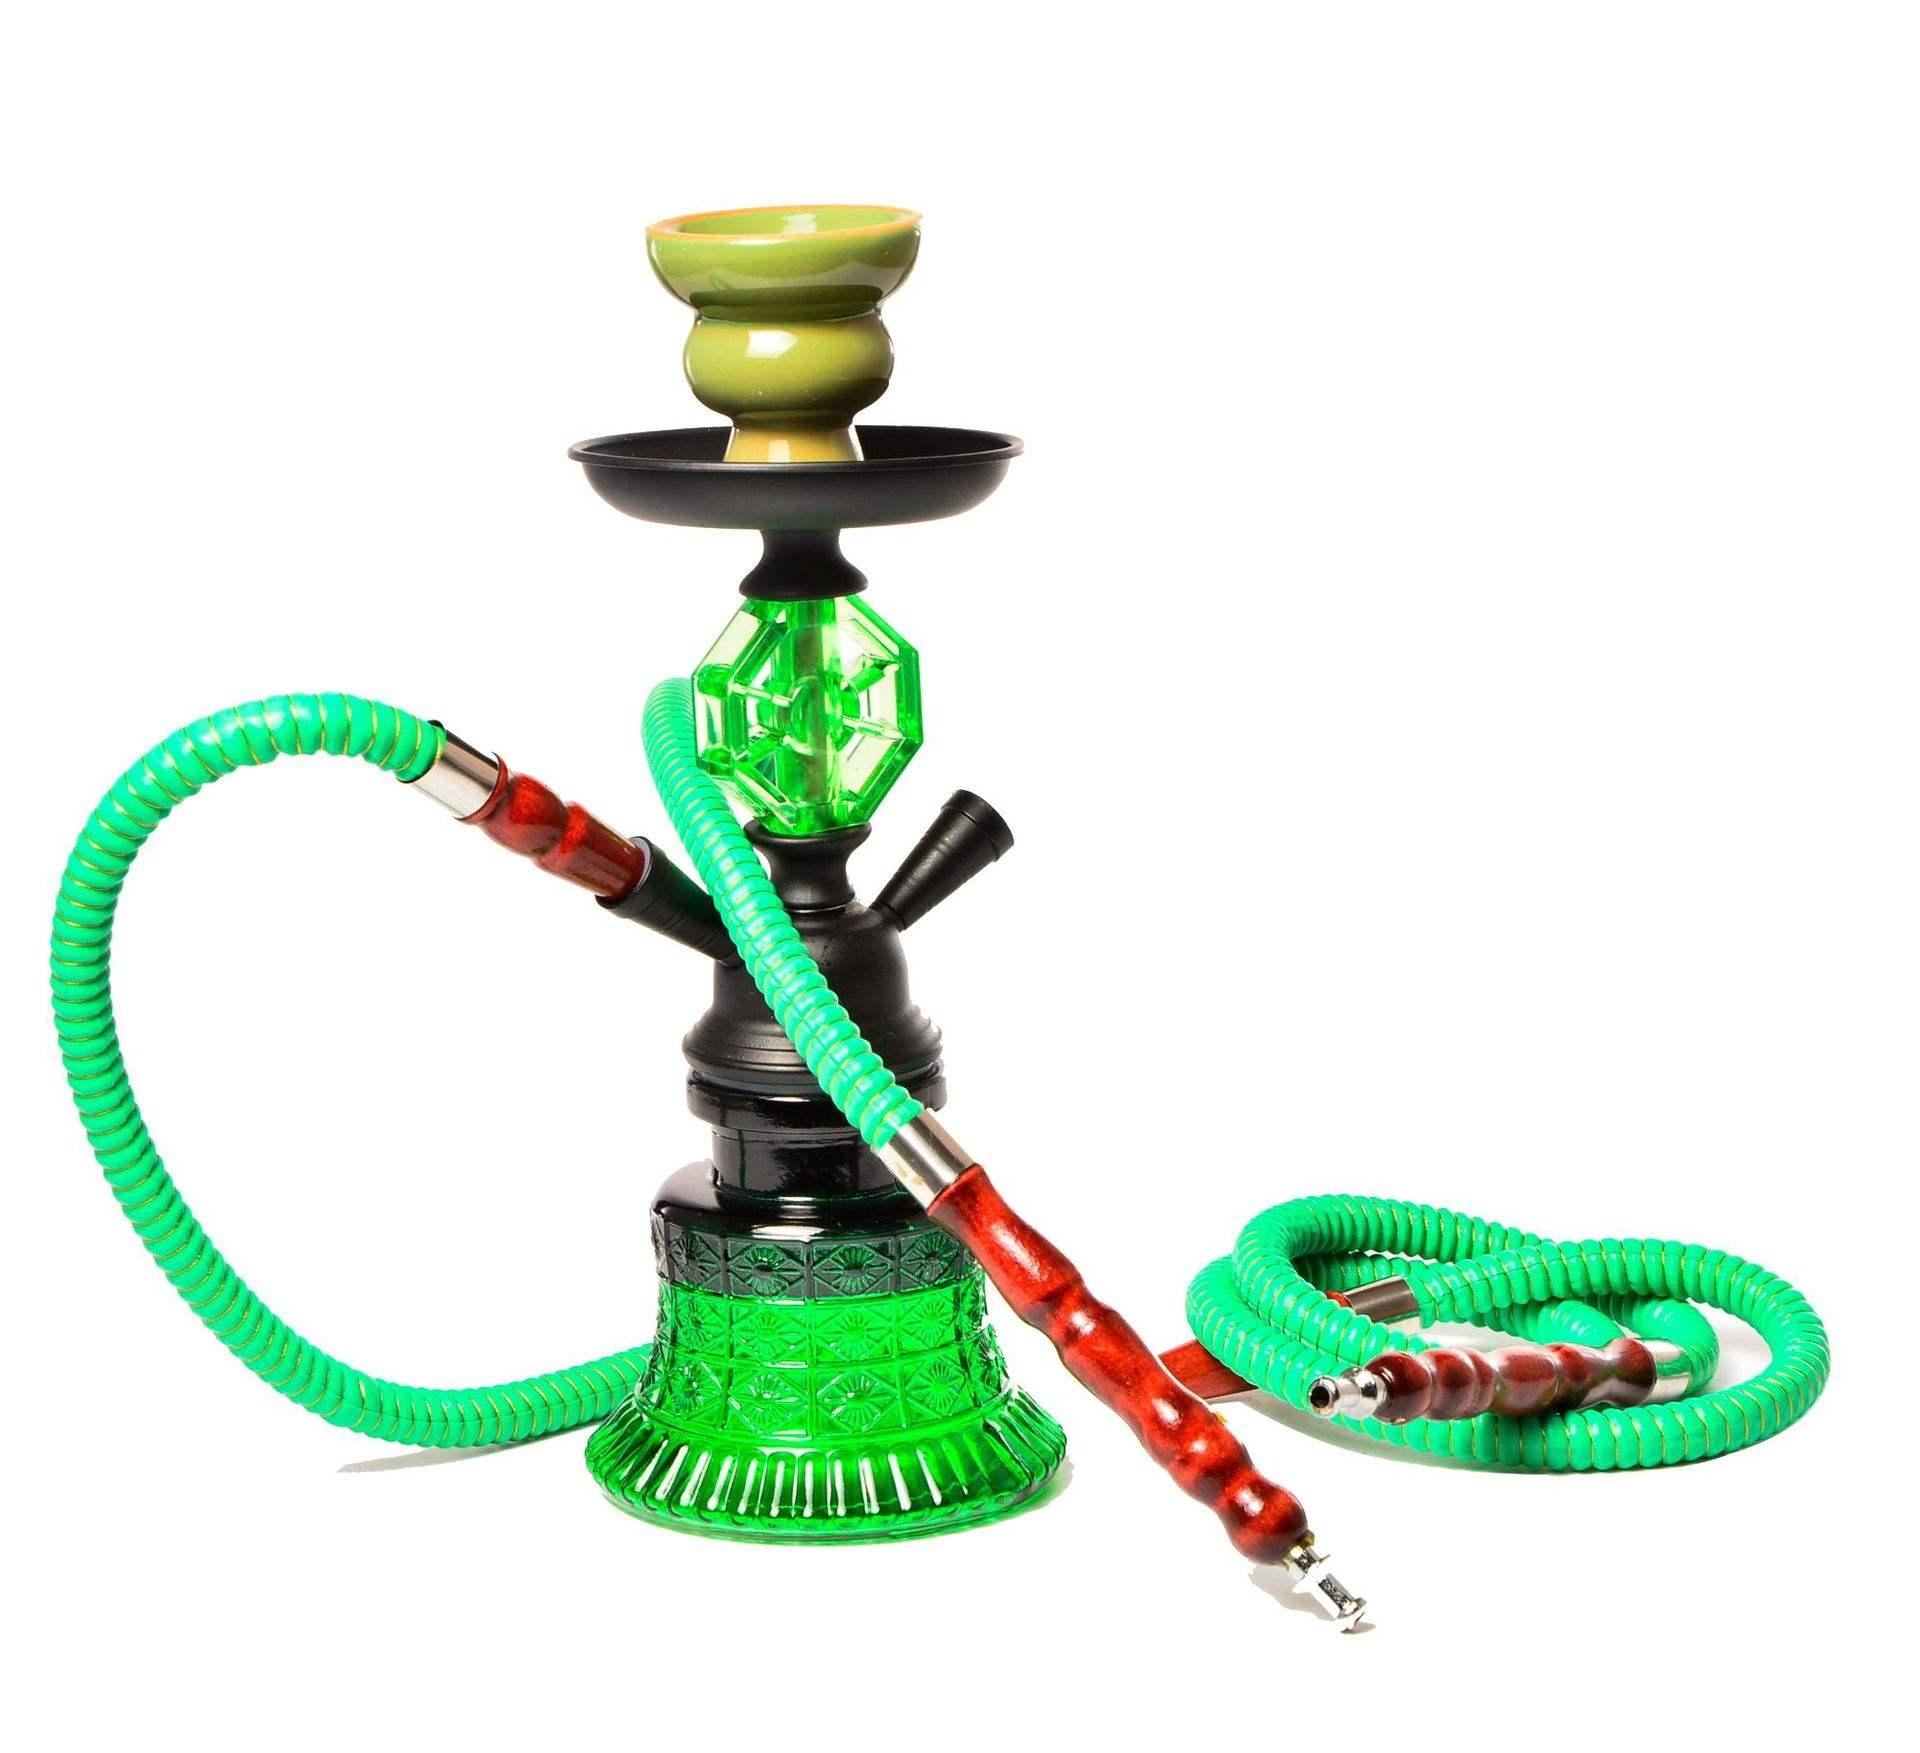 Куплю сигареты с цветным дымом сигарет оптом sobranie